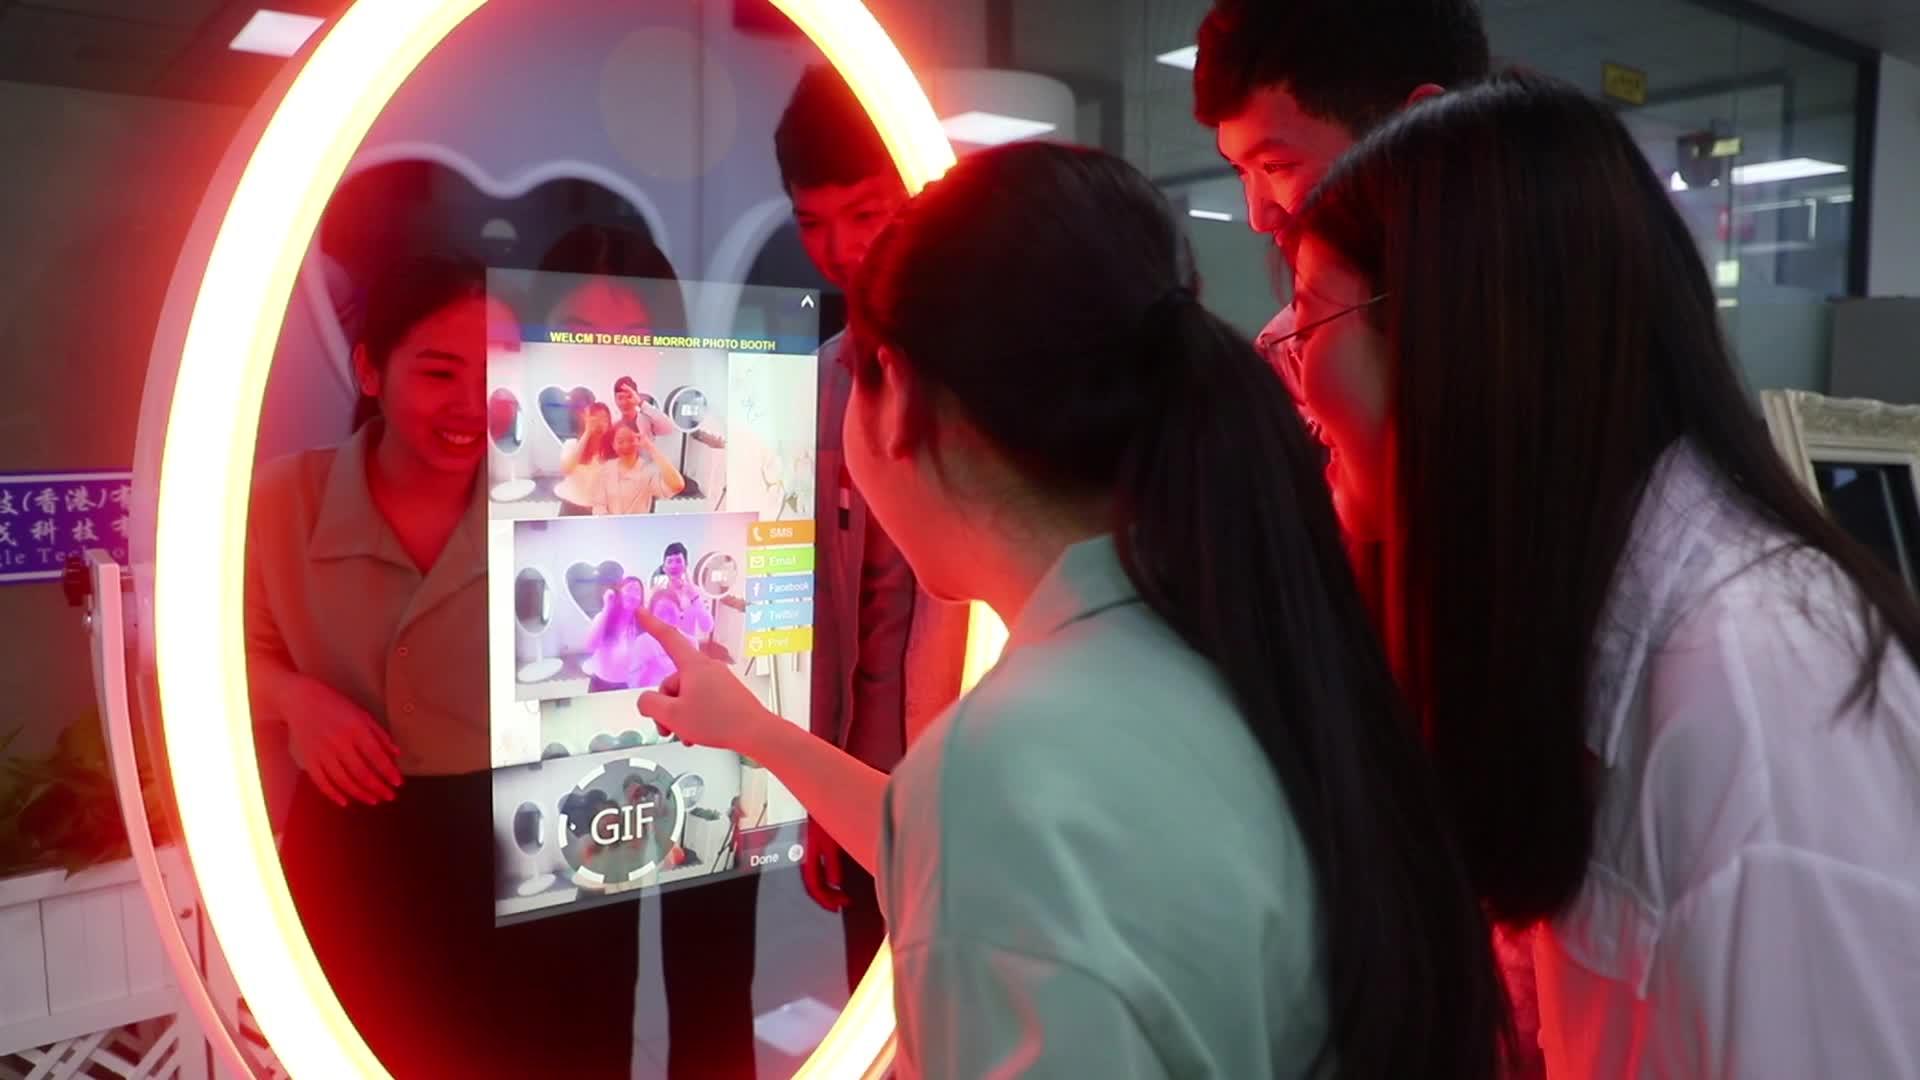 مرآة سحريّة ماكينة غرفة التصوير ، كشك كابينة تصوير محمول ، مرآة سيلفي